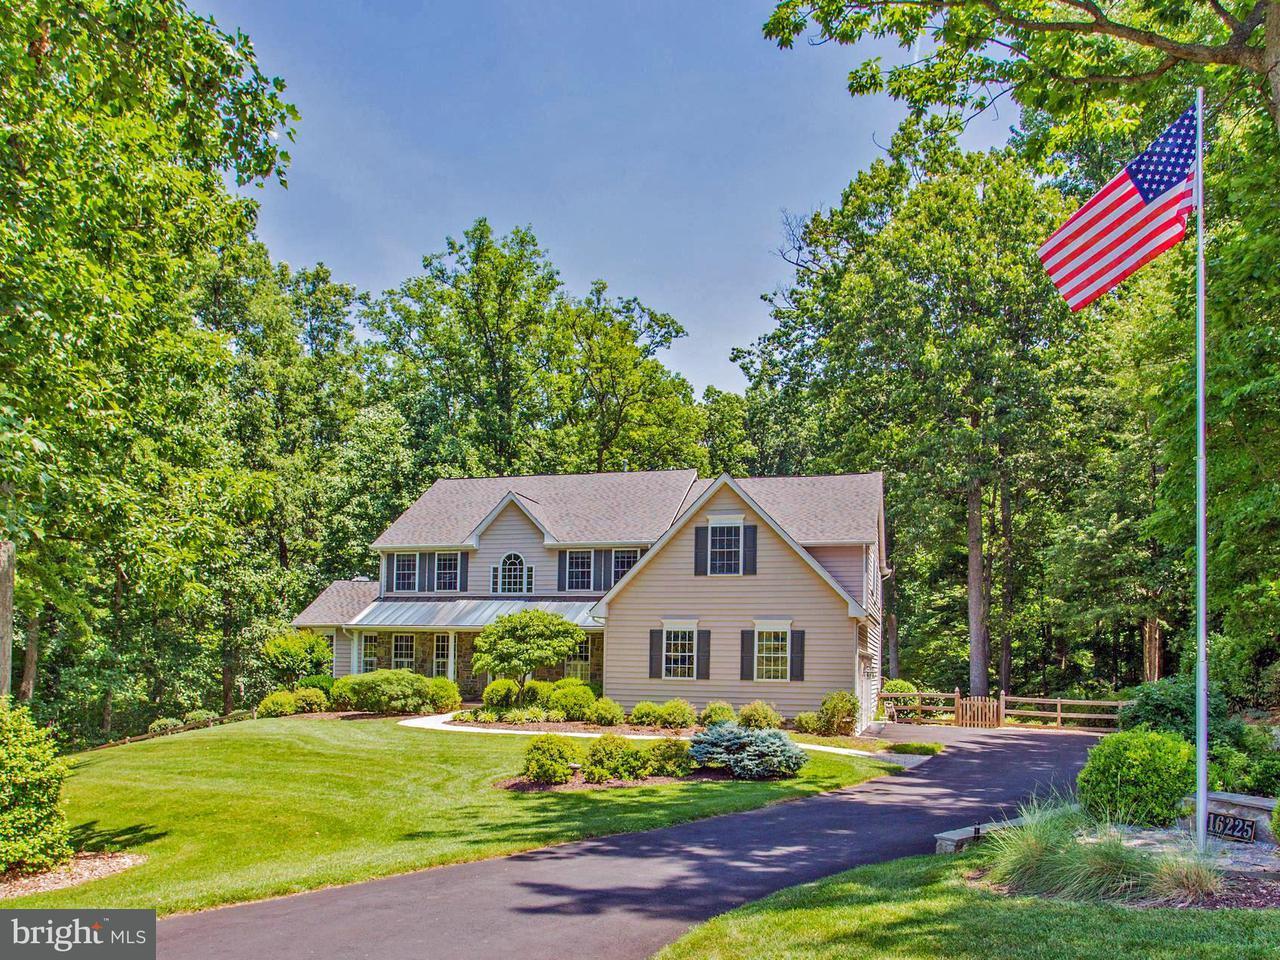 Maison unifamiliale pour l Vente à 16225 BLACK ROCK Road 16225 BLACK ROCK Road Darnestown, Maryland 20874 États-Unis